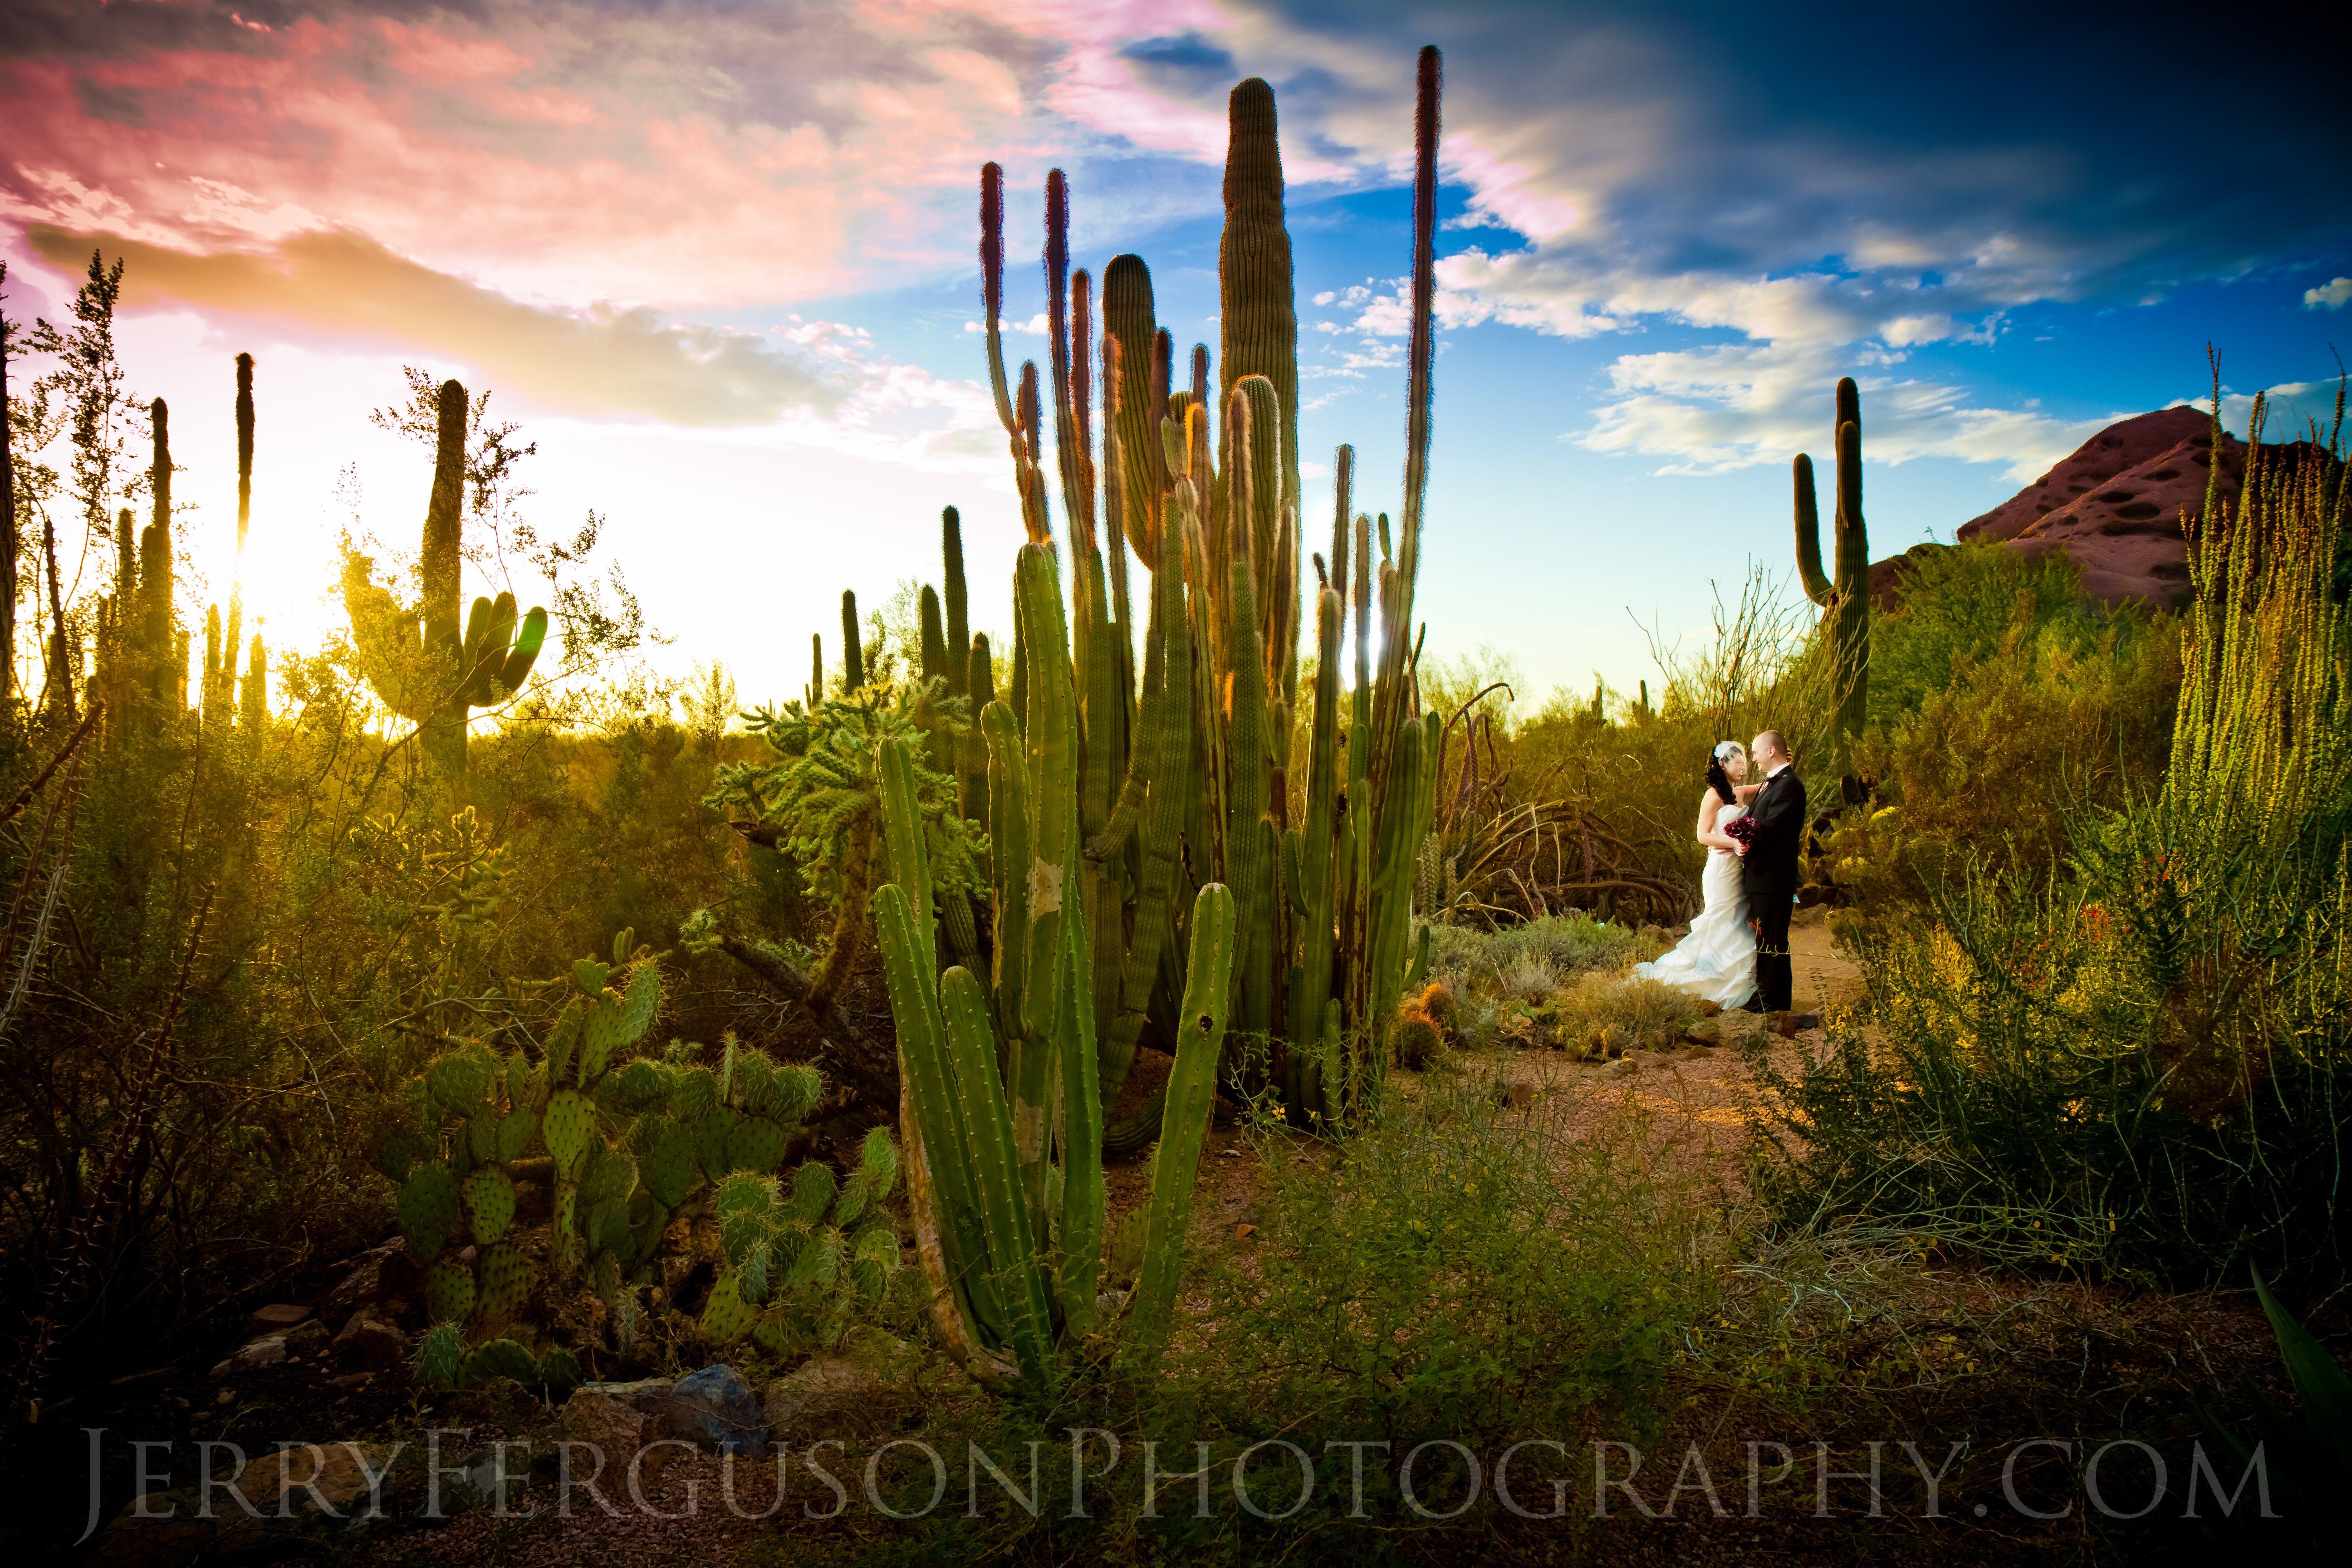 desert botanical garden engagement session at sunset in phoenix